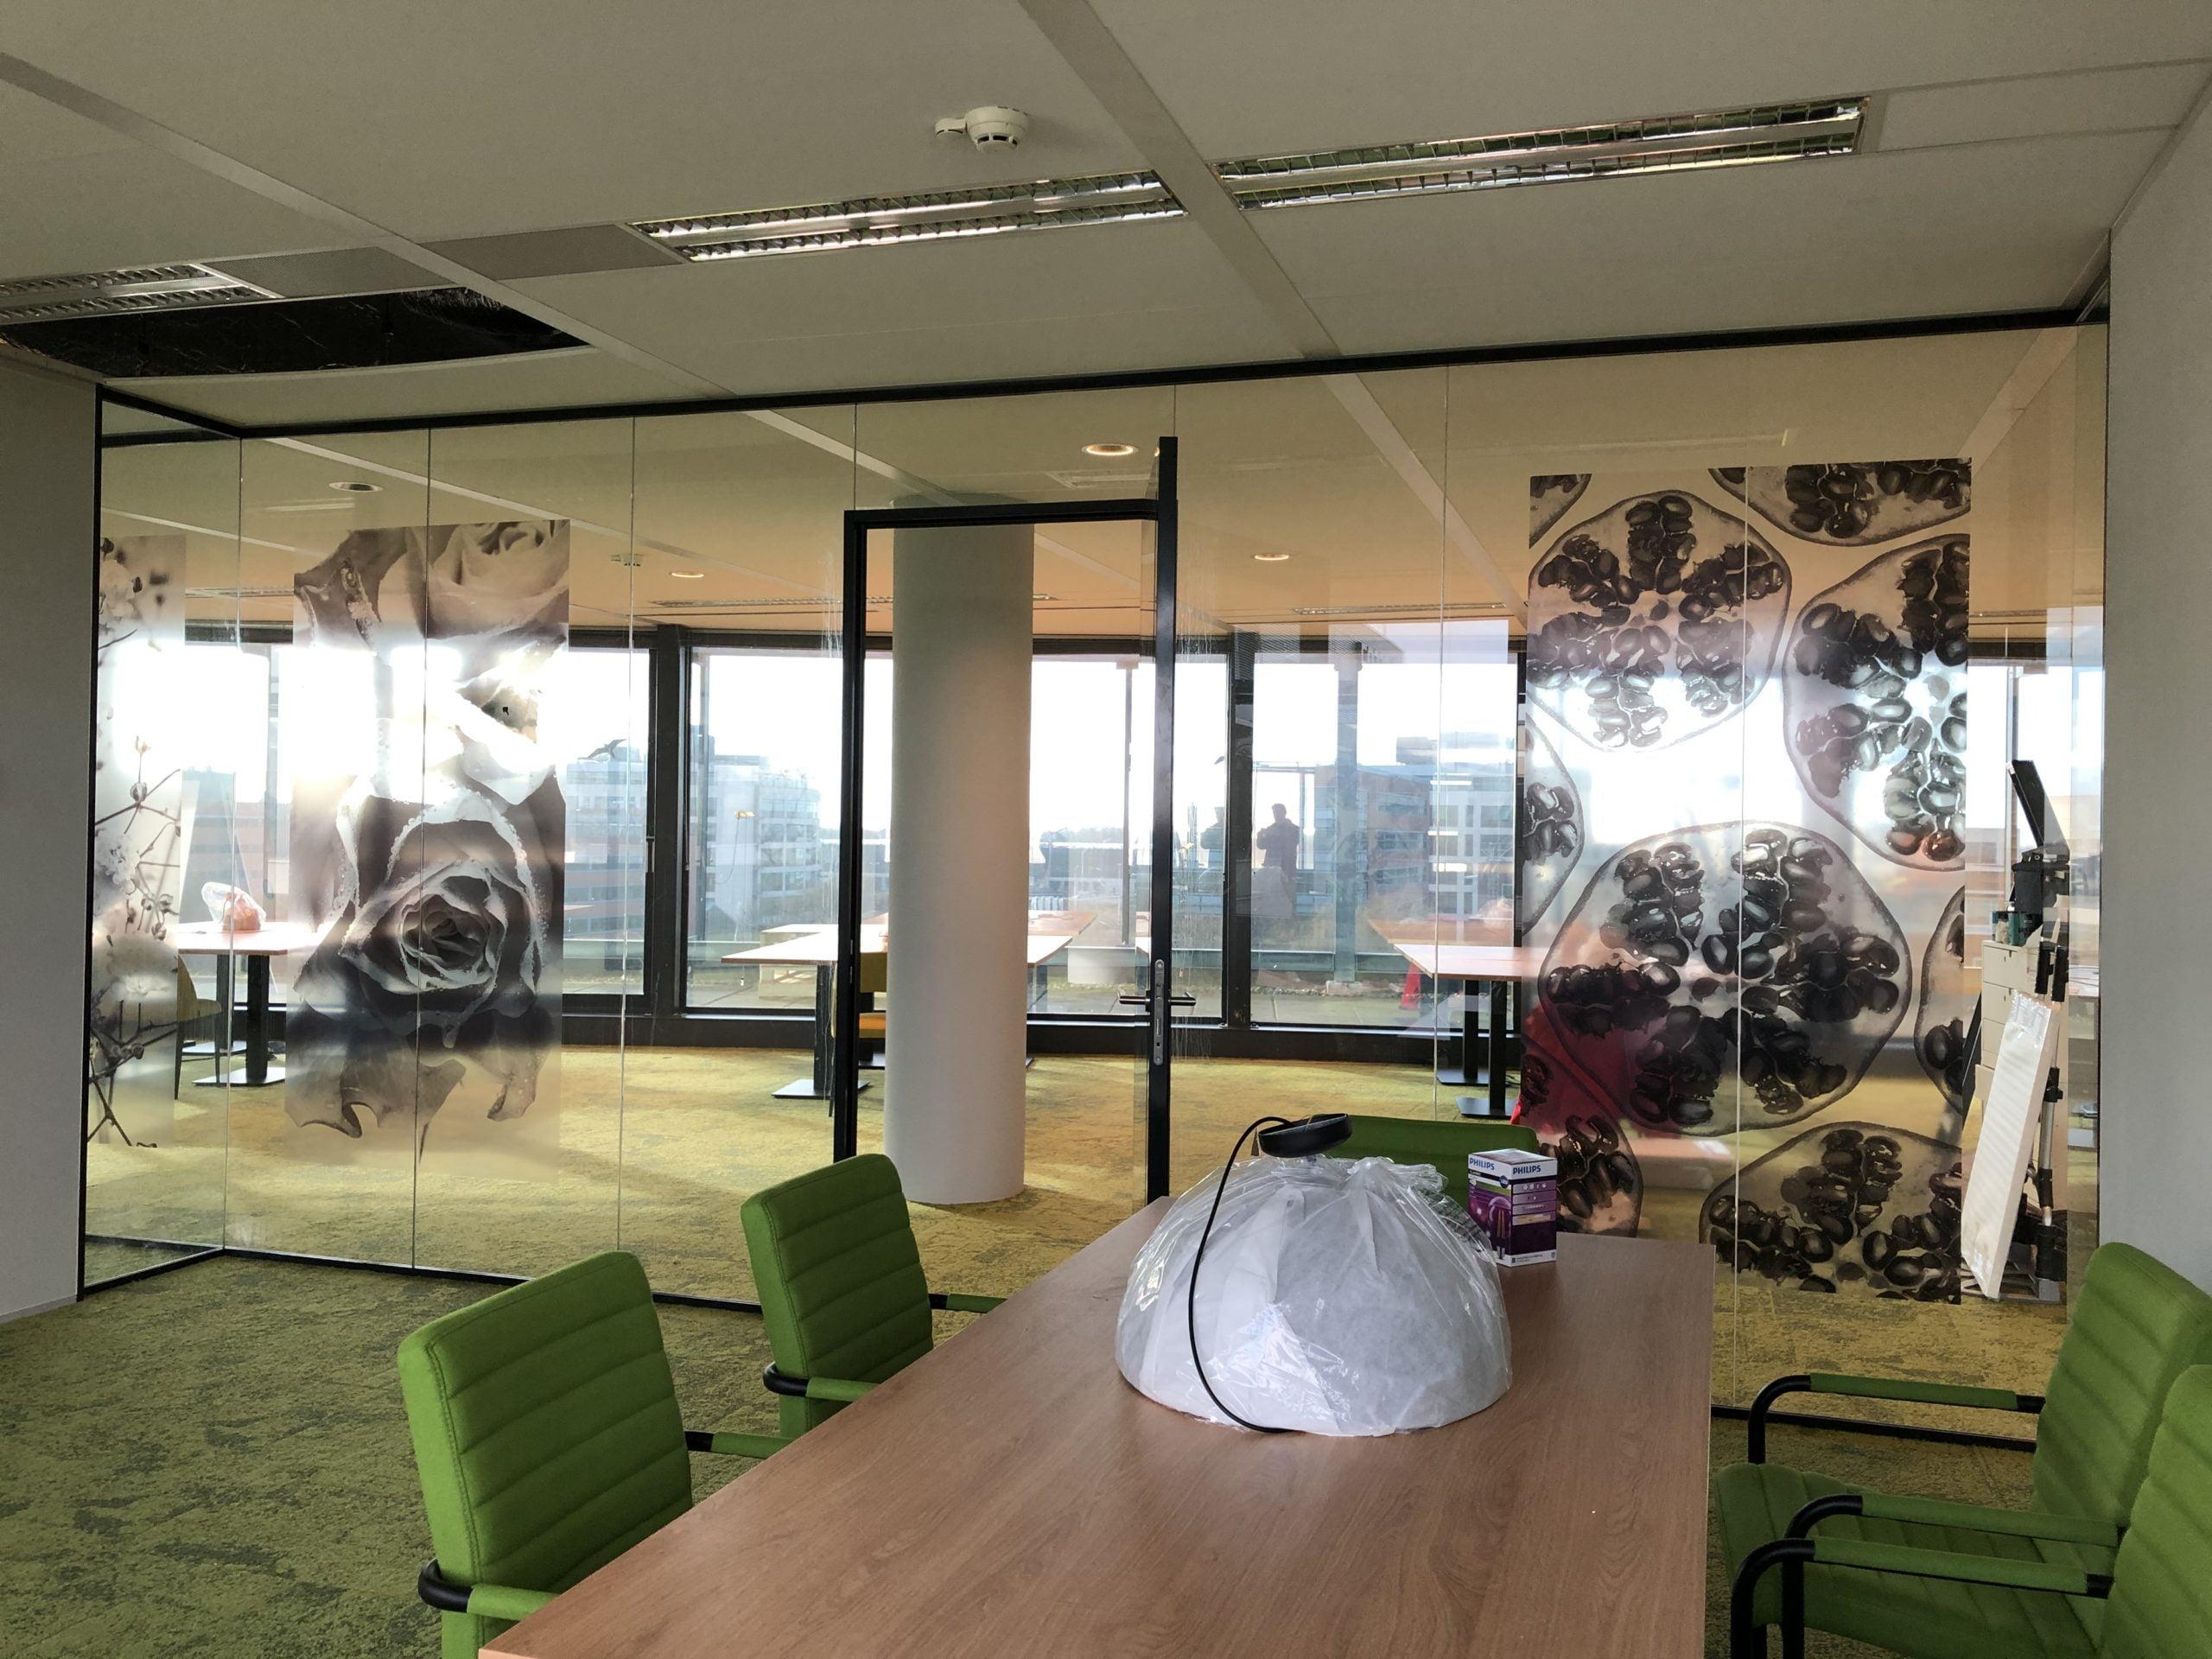 Moderne Kantoorruimte met  glazen wanden voorzien van fotofolie